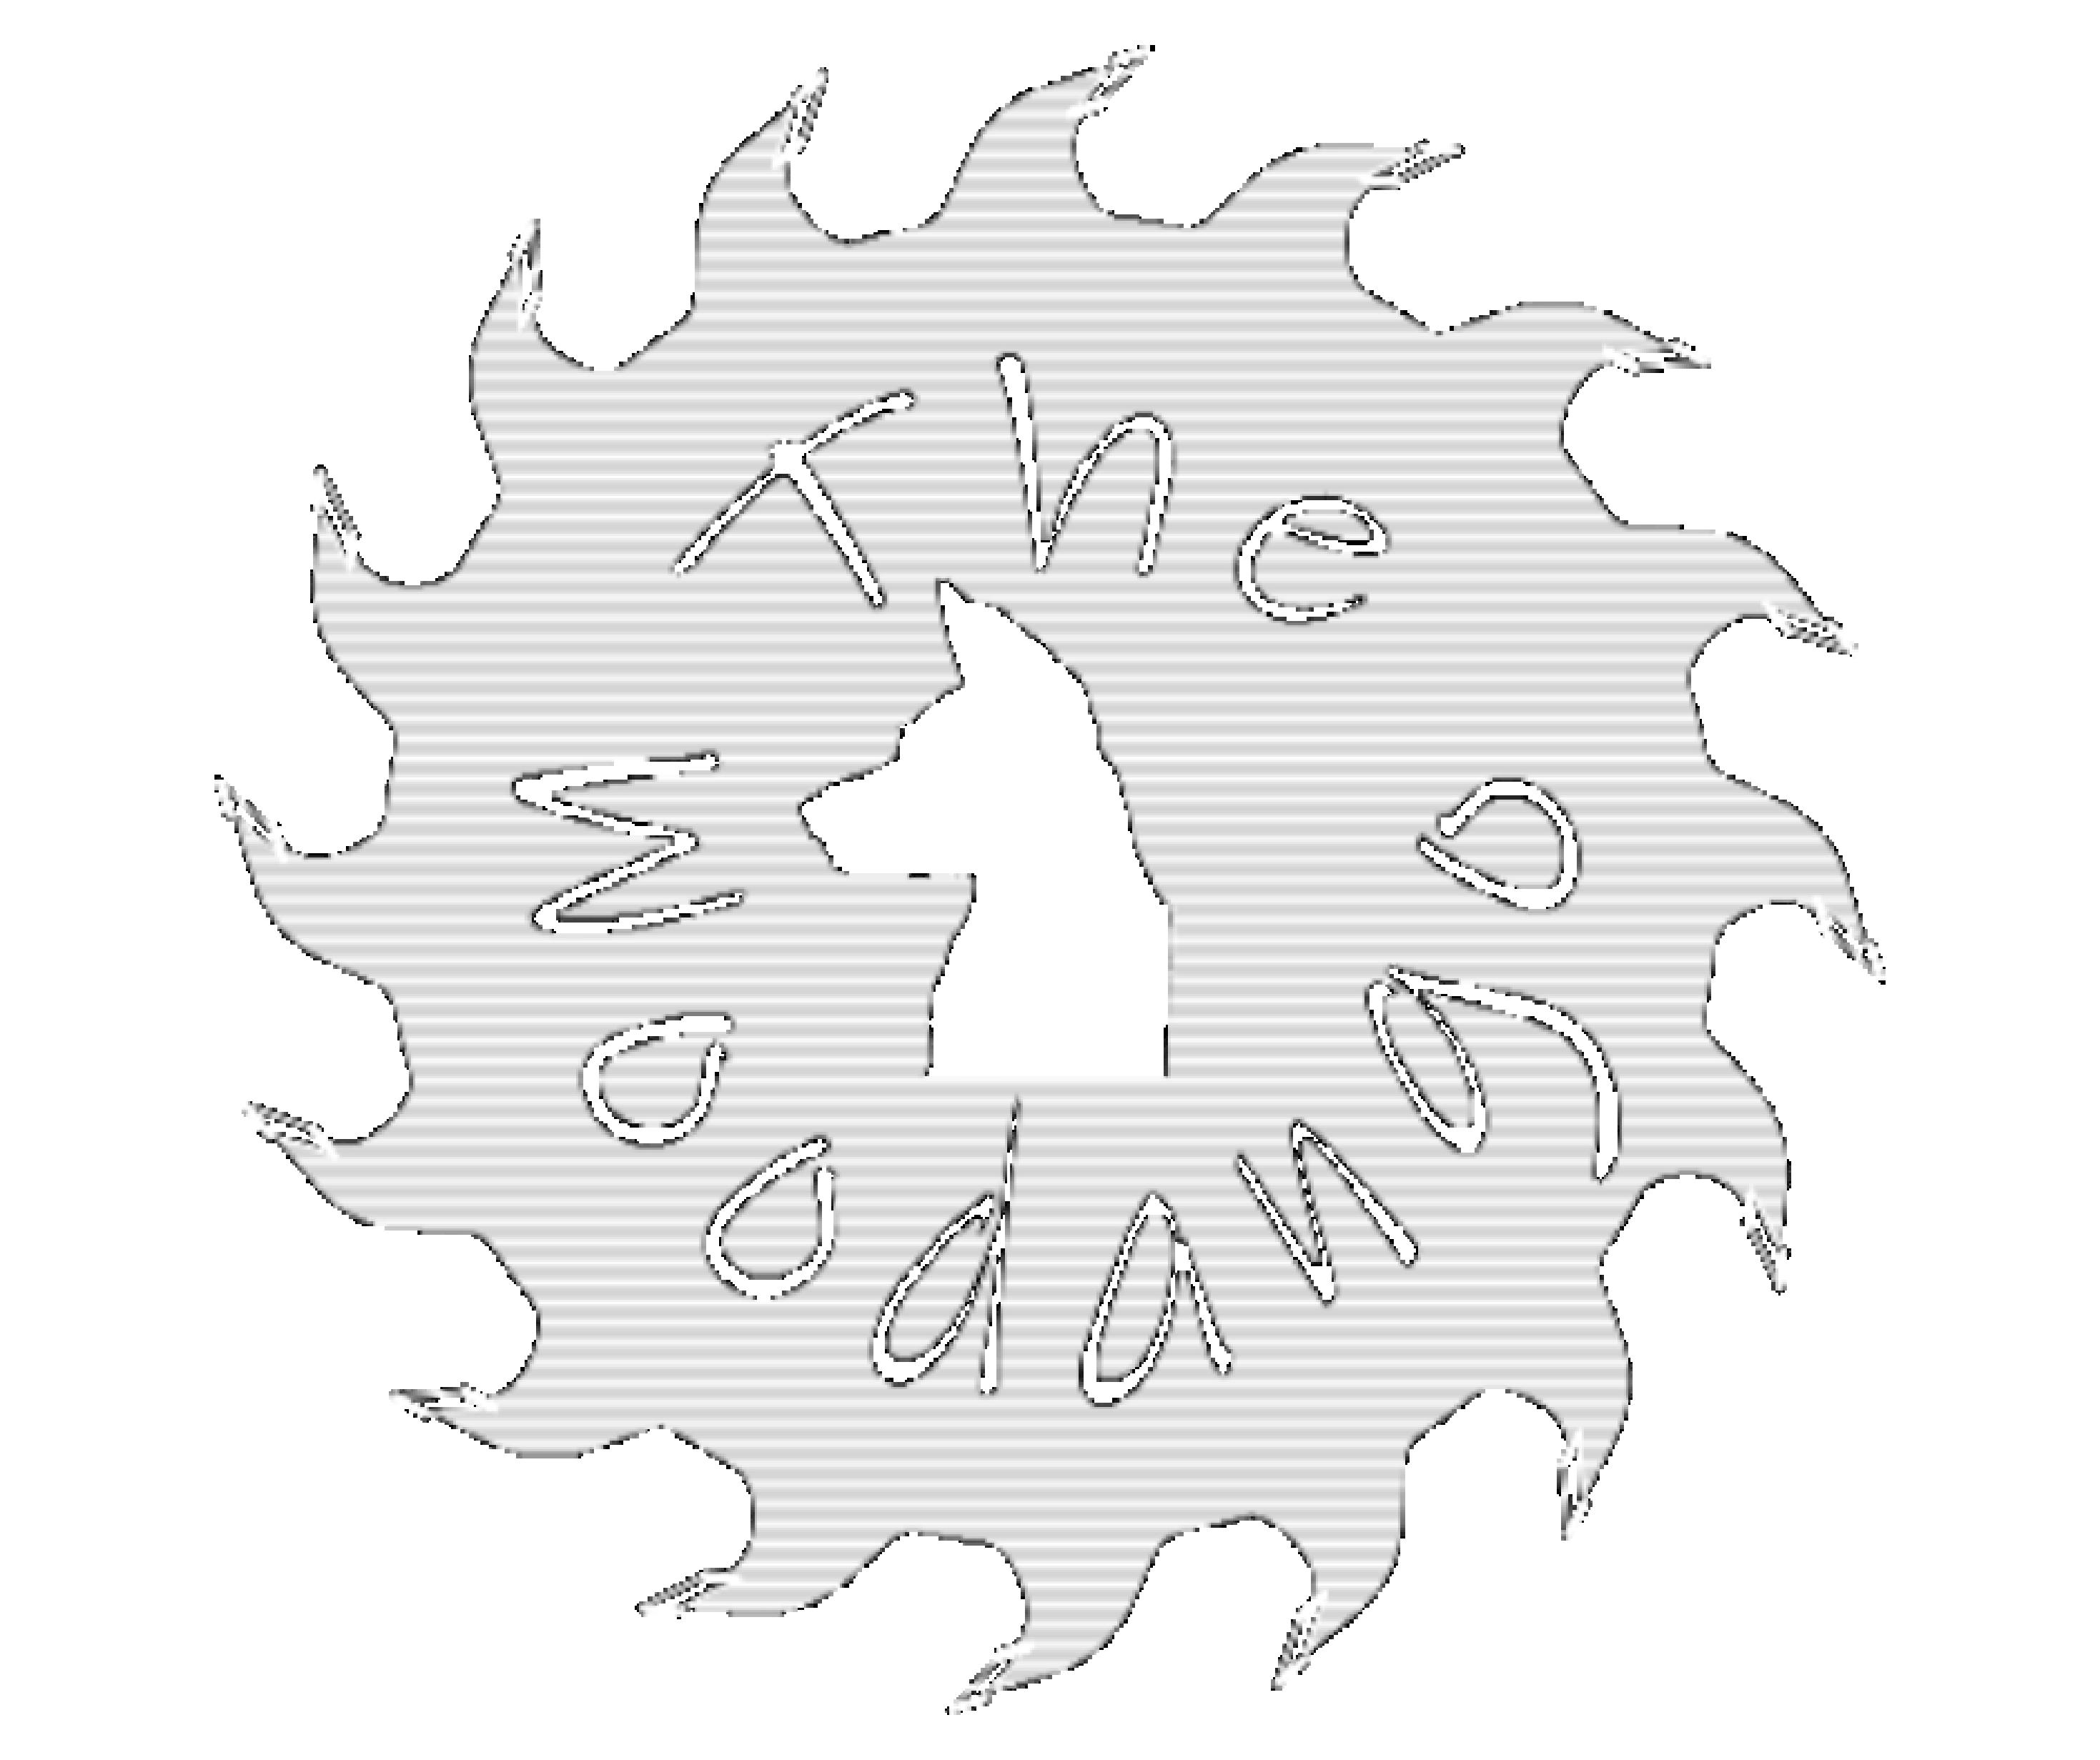 The Woodango